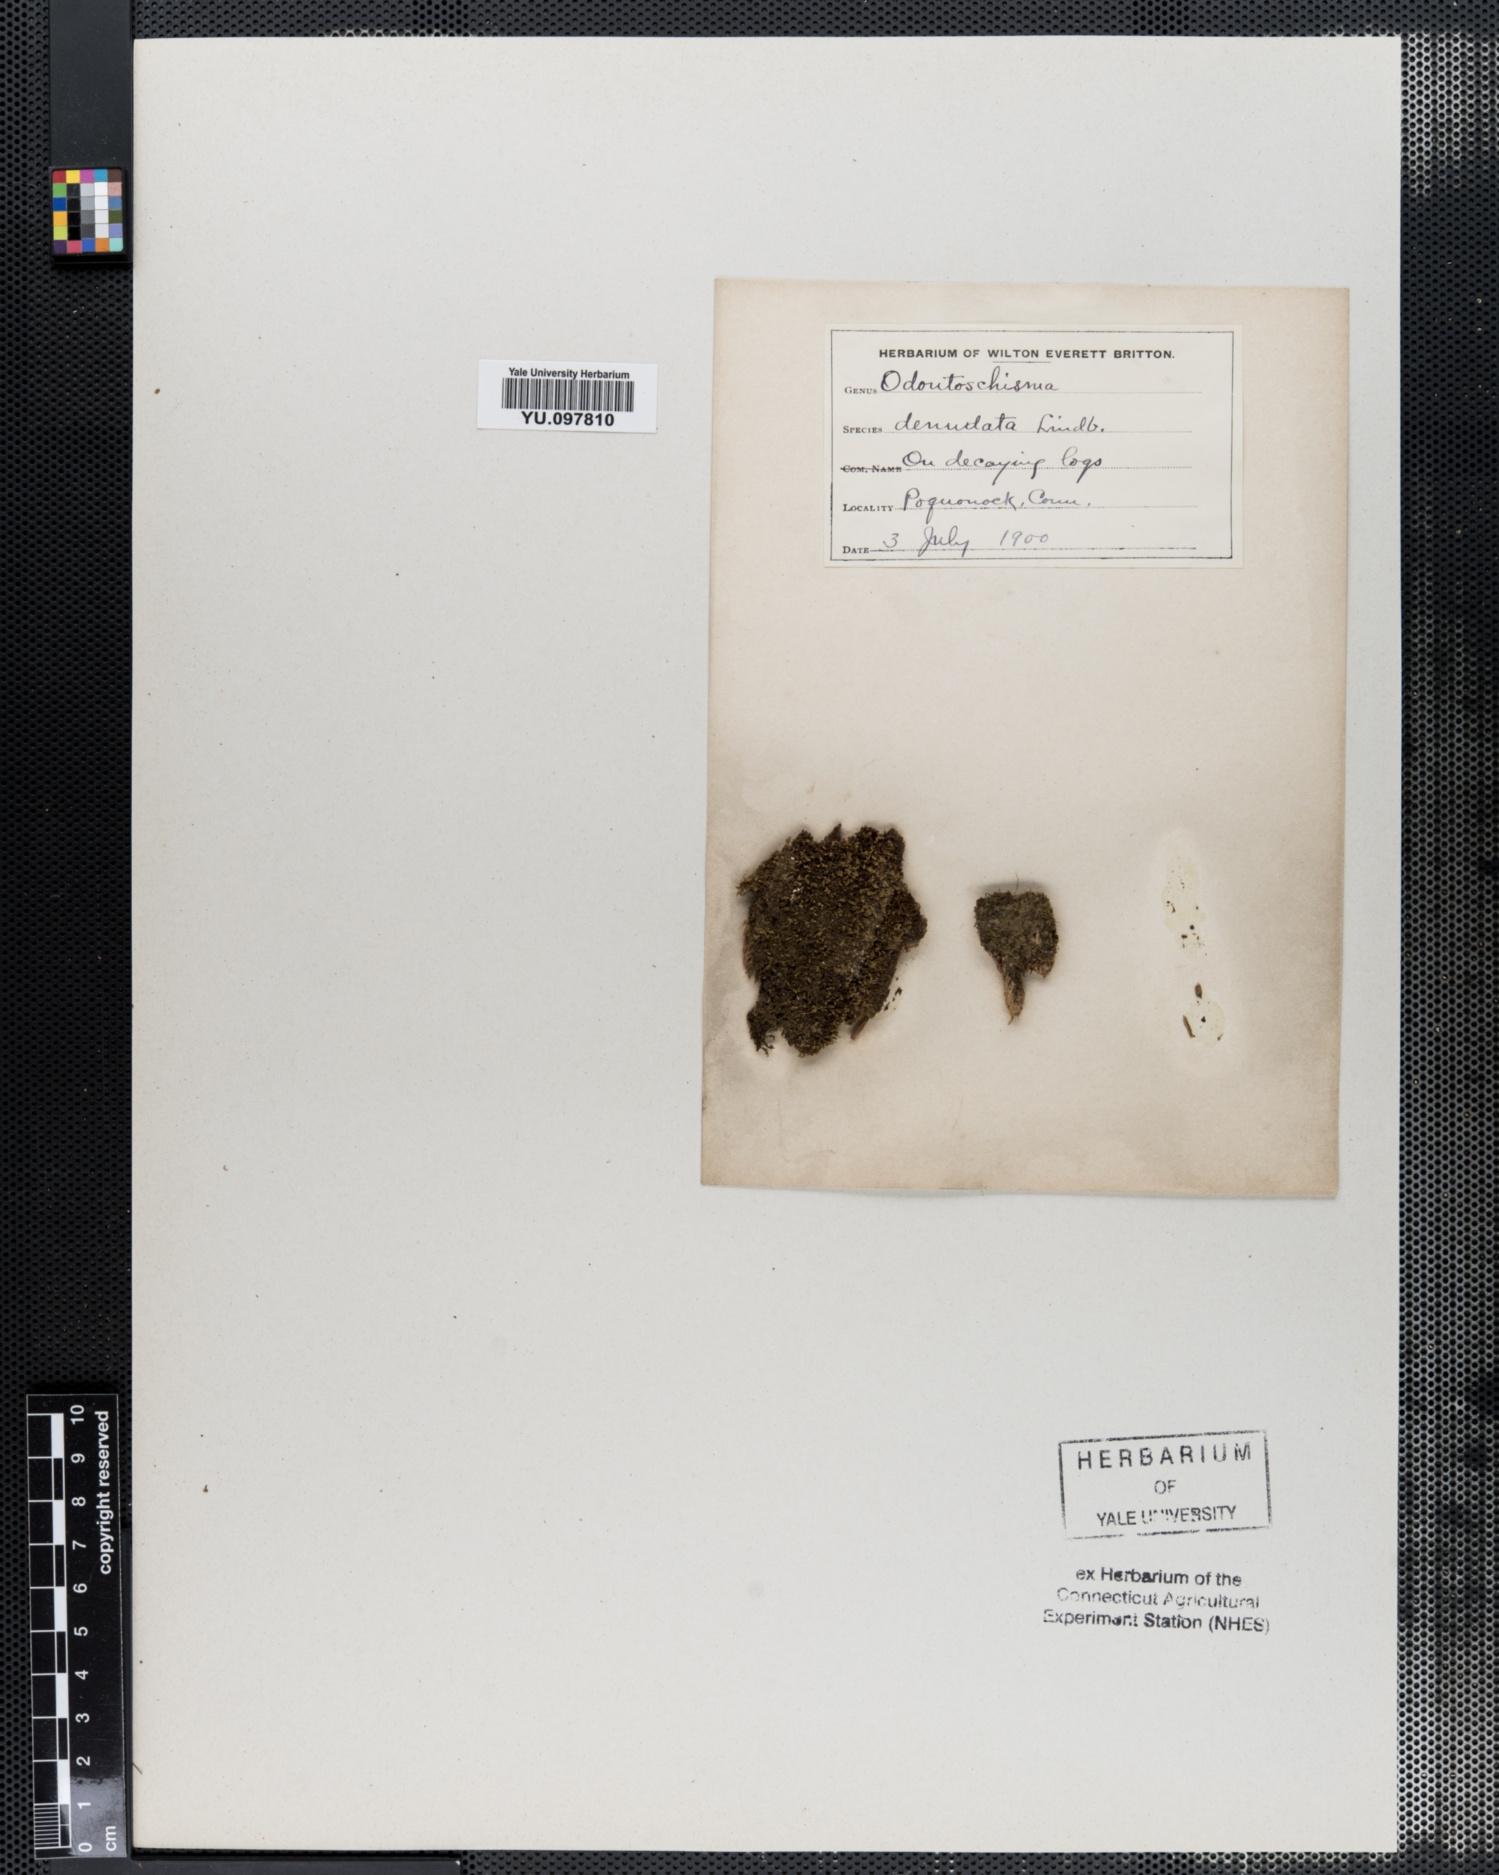 Cephaloziaceae image